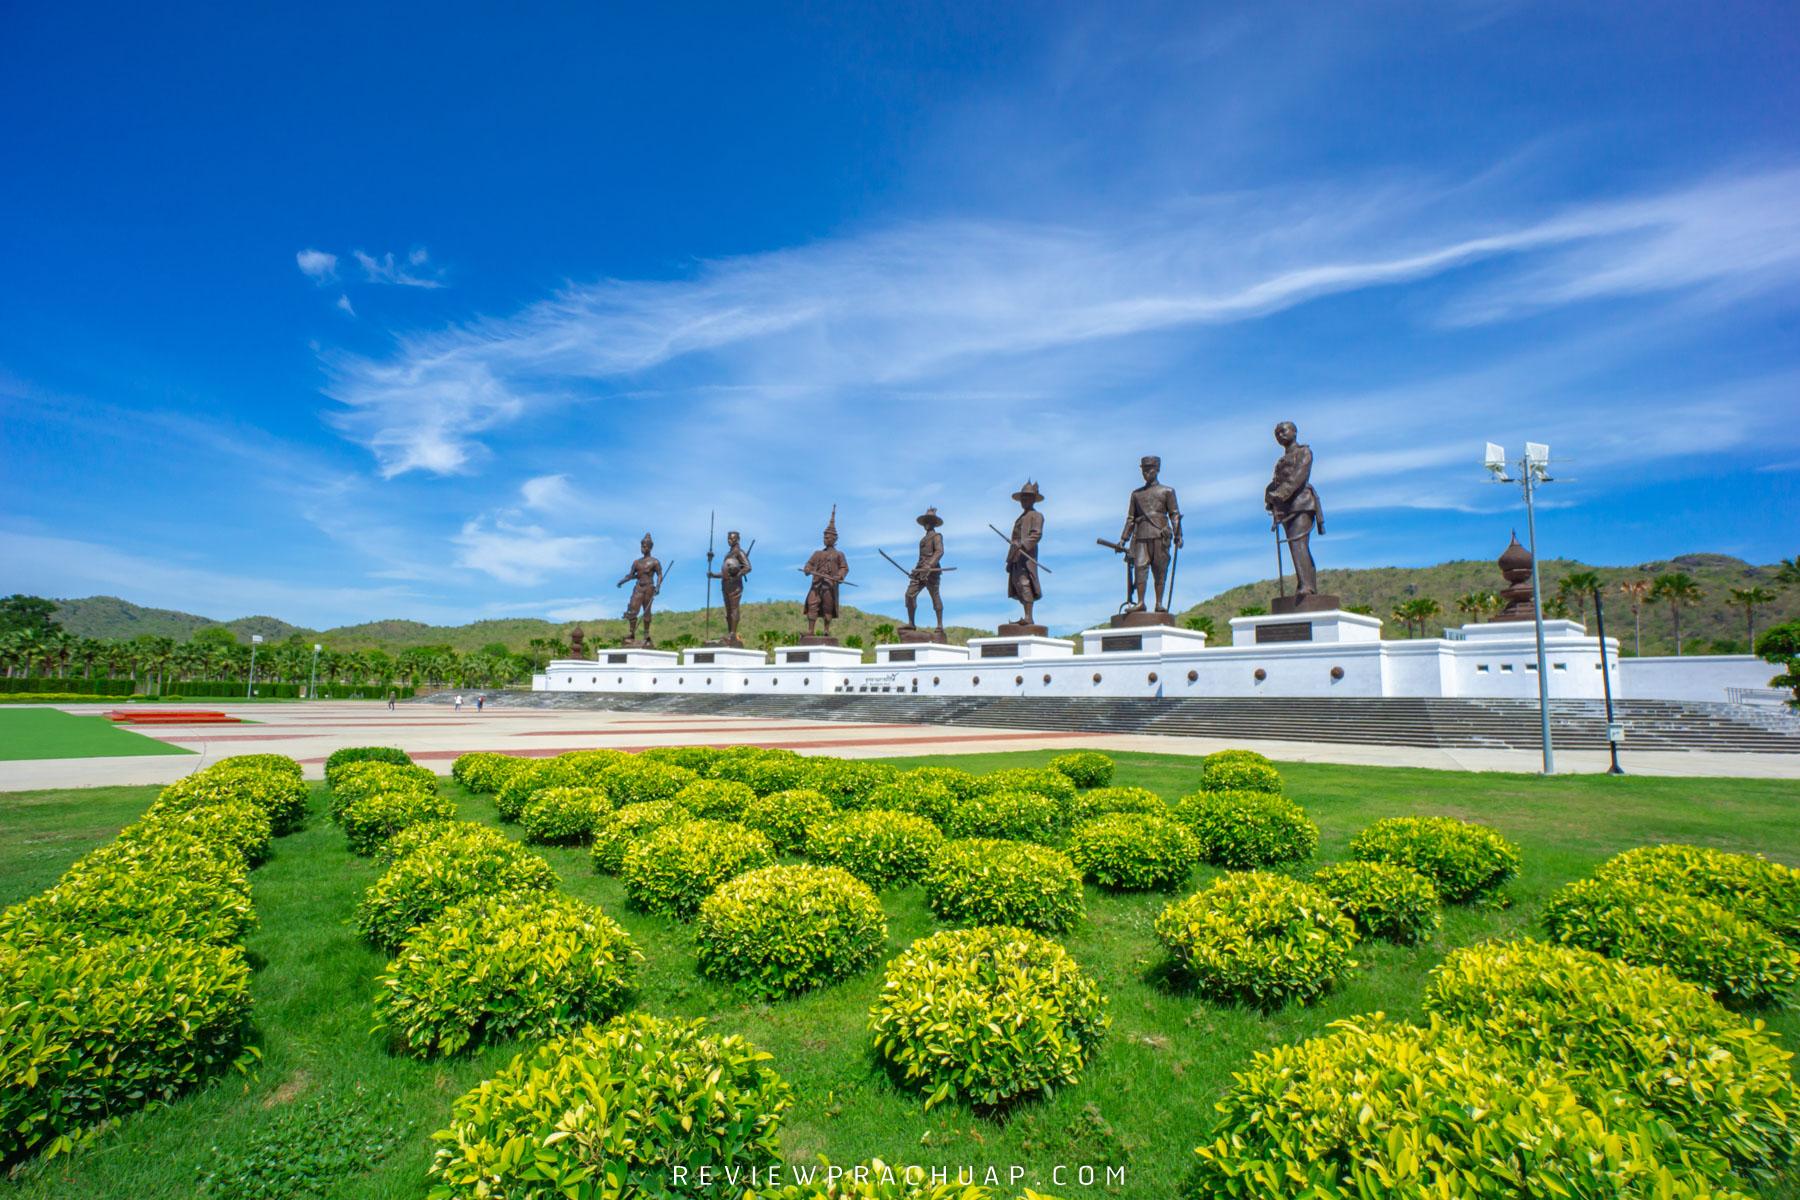 อุทยานราชภักดิ์ อุทยานประวัติศาสตร์ชาติไทยแวะไปชมประติมากรรมรูปปั้นของพระมหากษัตริย์พระองค์ต่างๆกันได้เลย